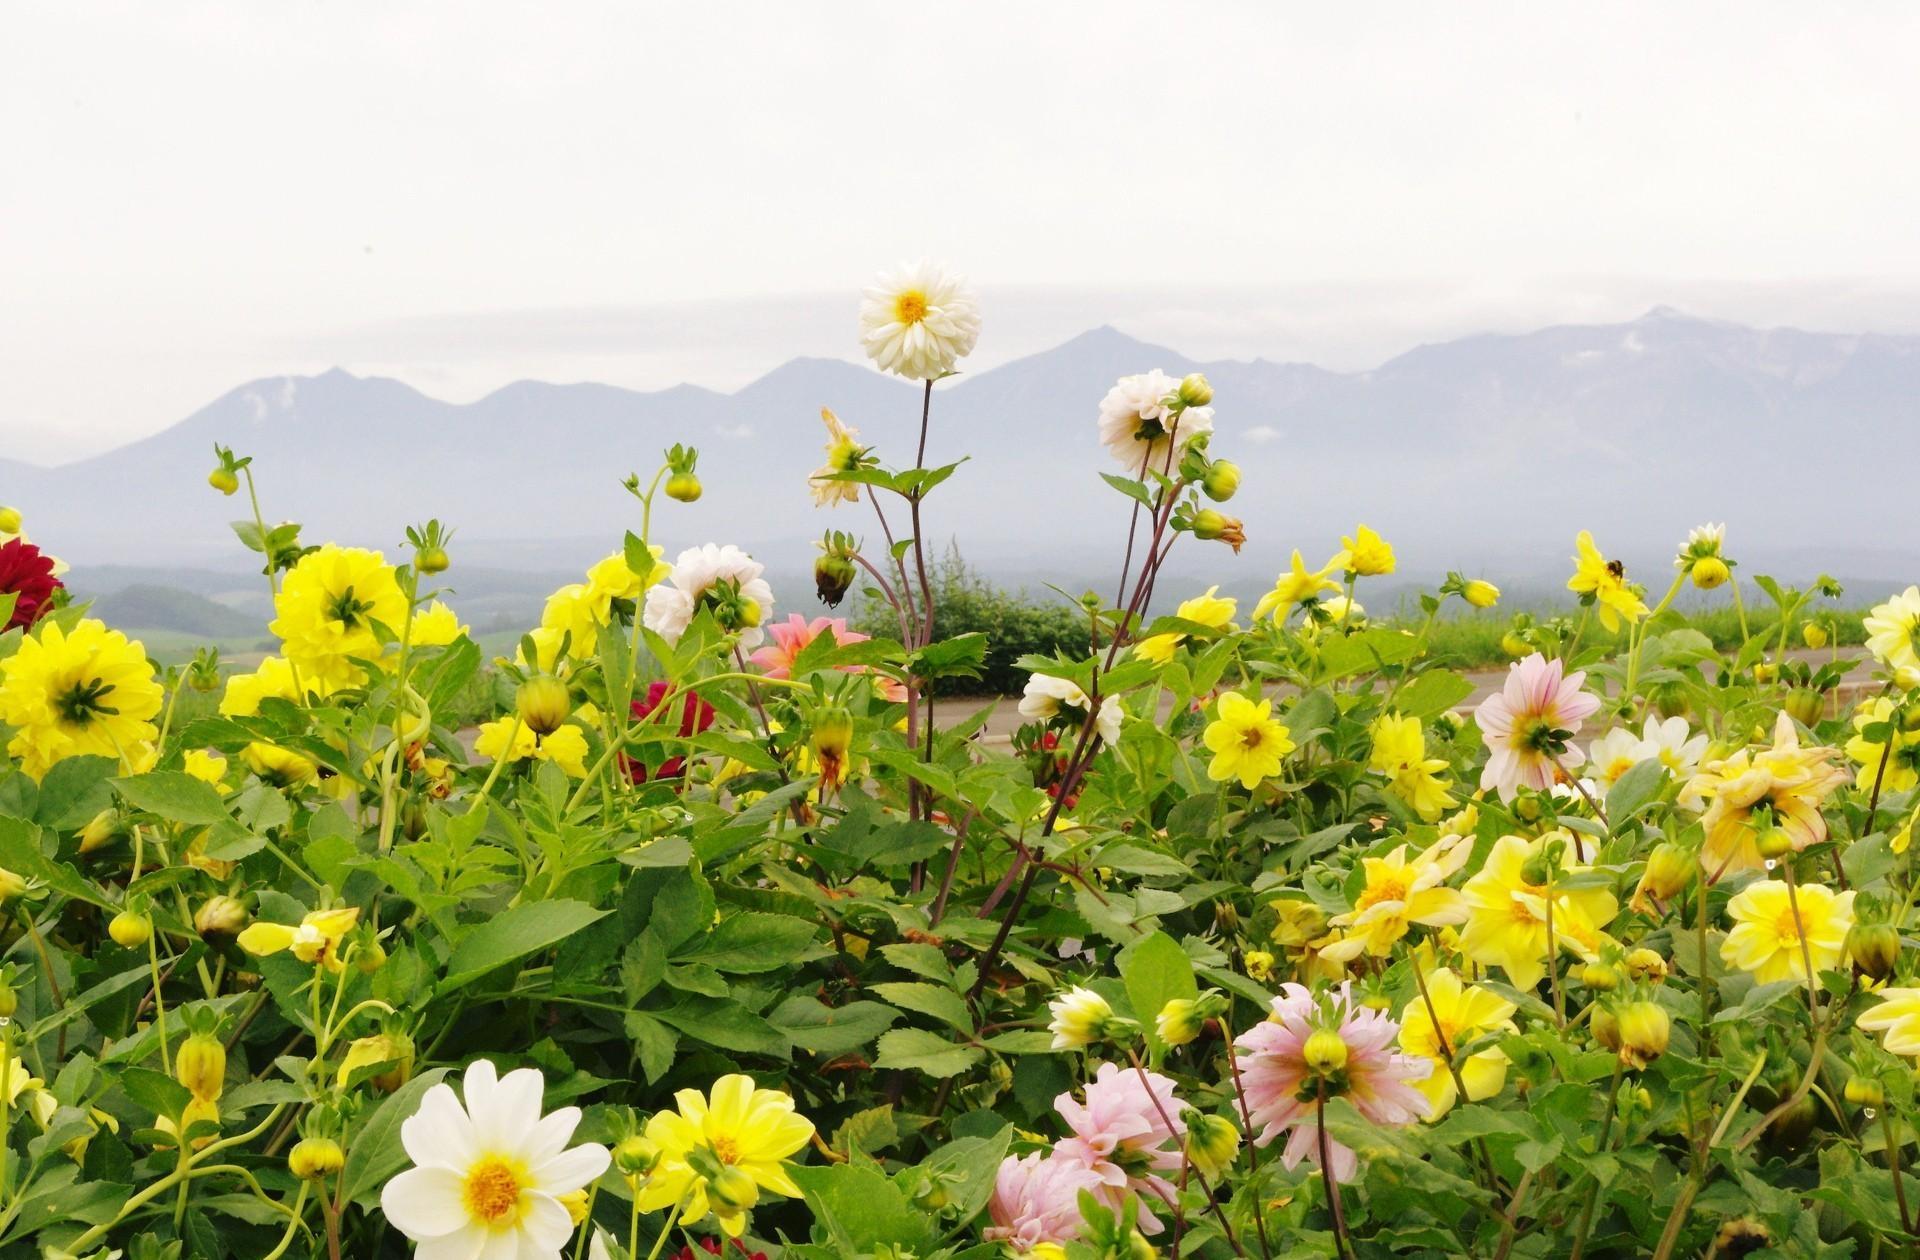 96322 скачать обои Цветы, Георгины, Клумба, Горизонт, Небо, Горы - заставки и картинки бесплатно